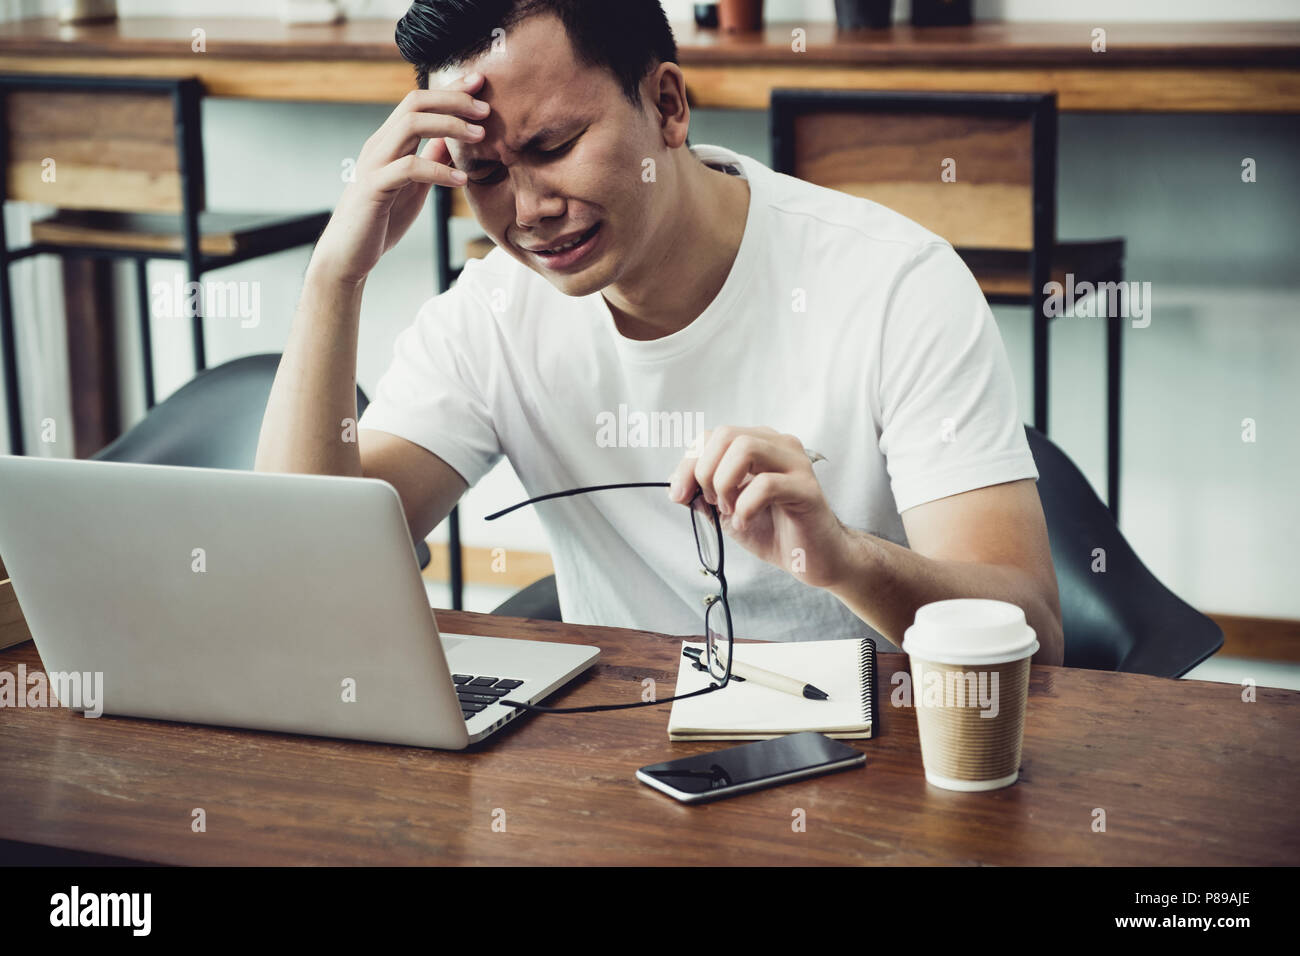 Asia hombre casual cara cubierta con malestar de mano de obra en la parte frontal del ordenador portátil en la cafetería,estrés concepto emoción,trabajo fuera de la oficina,trabajo en hom Imagen De Stock